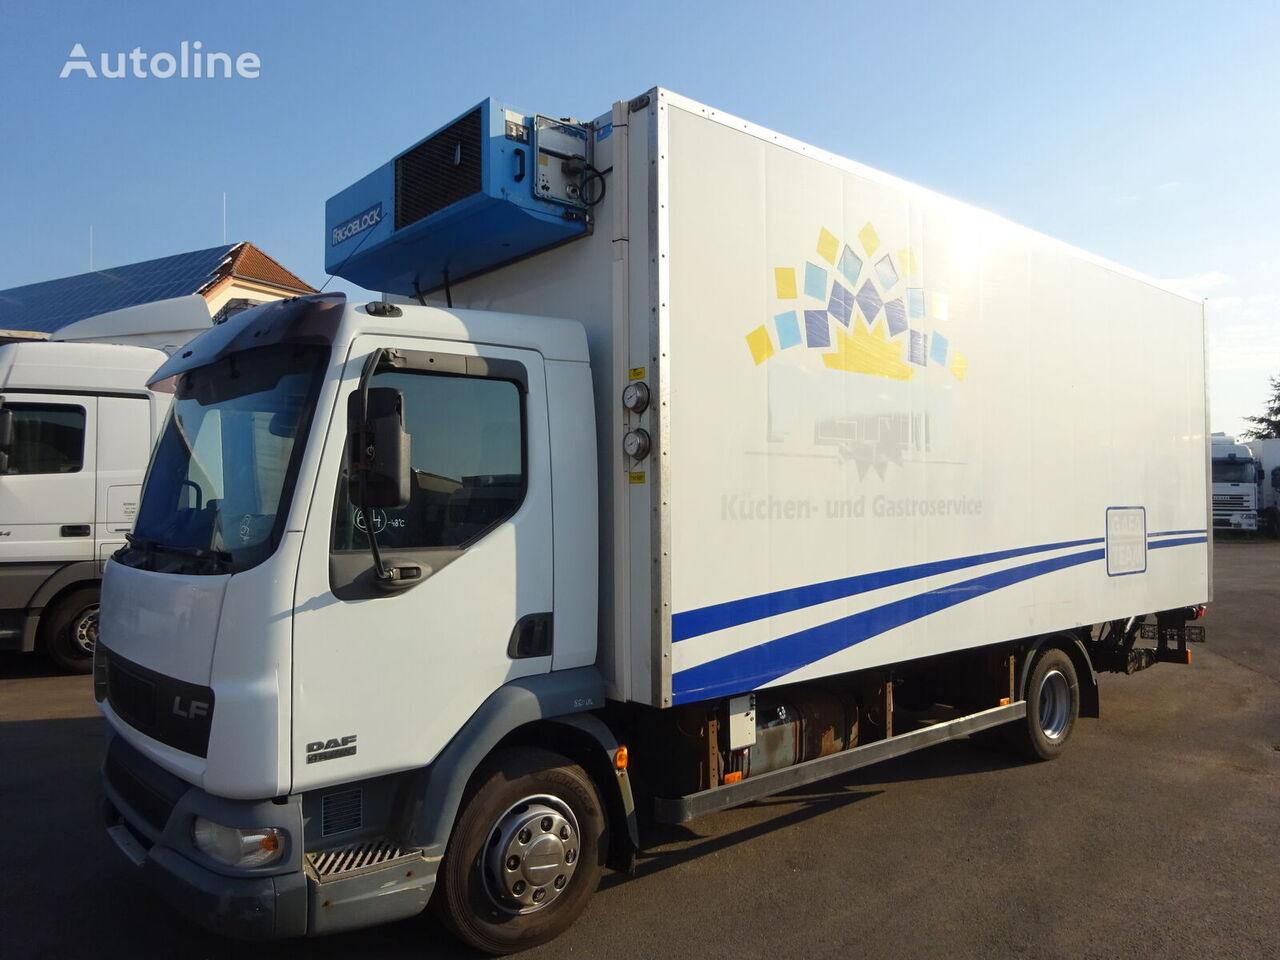 DAF LF45.220 refrigerated truck